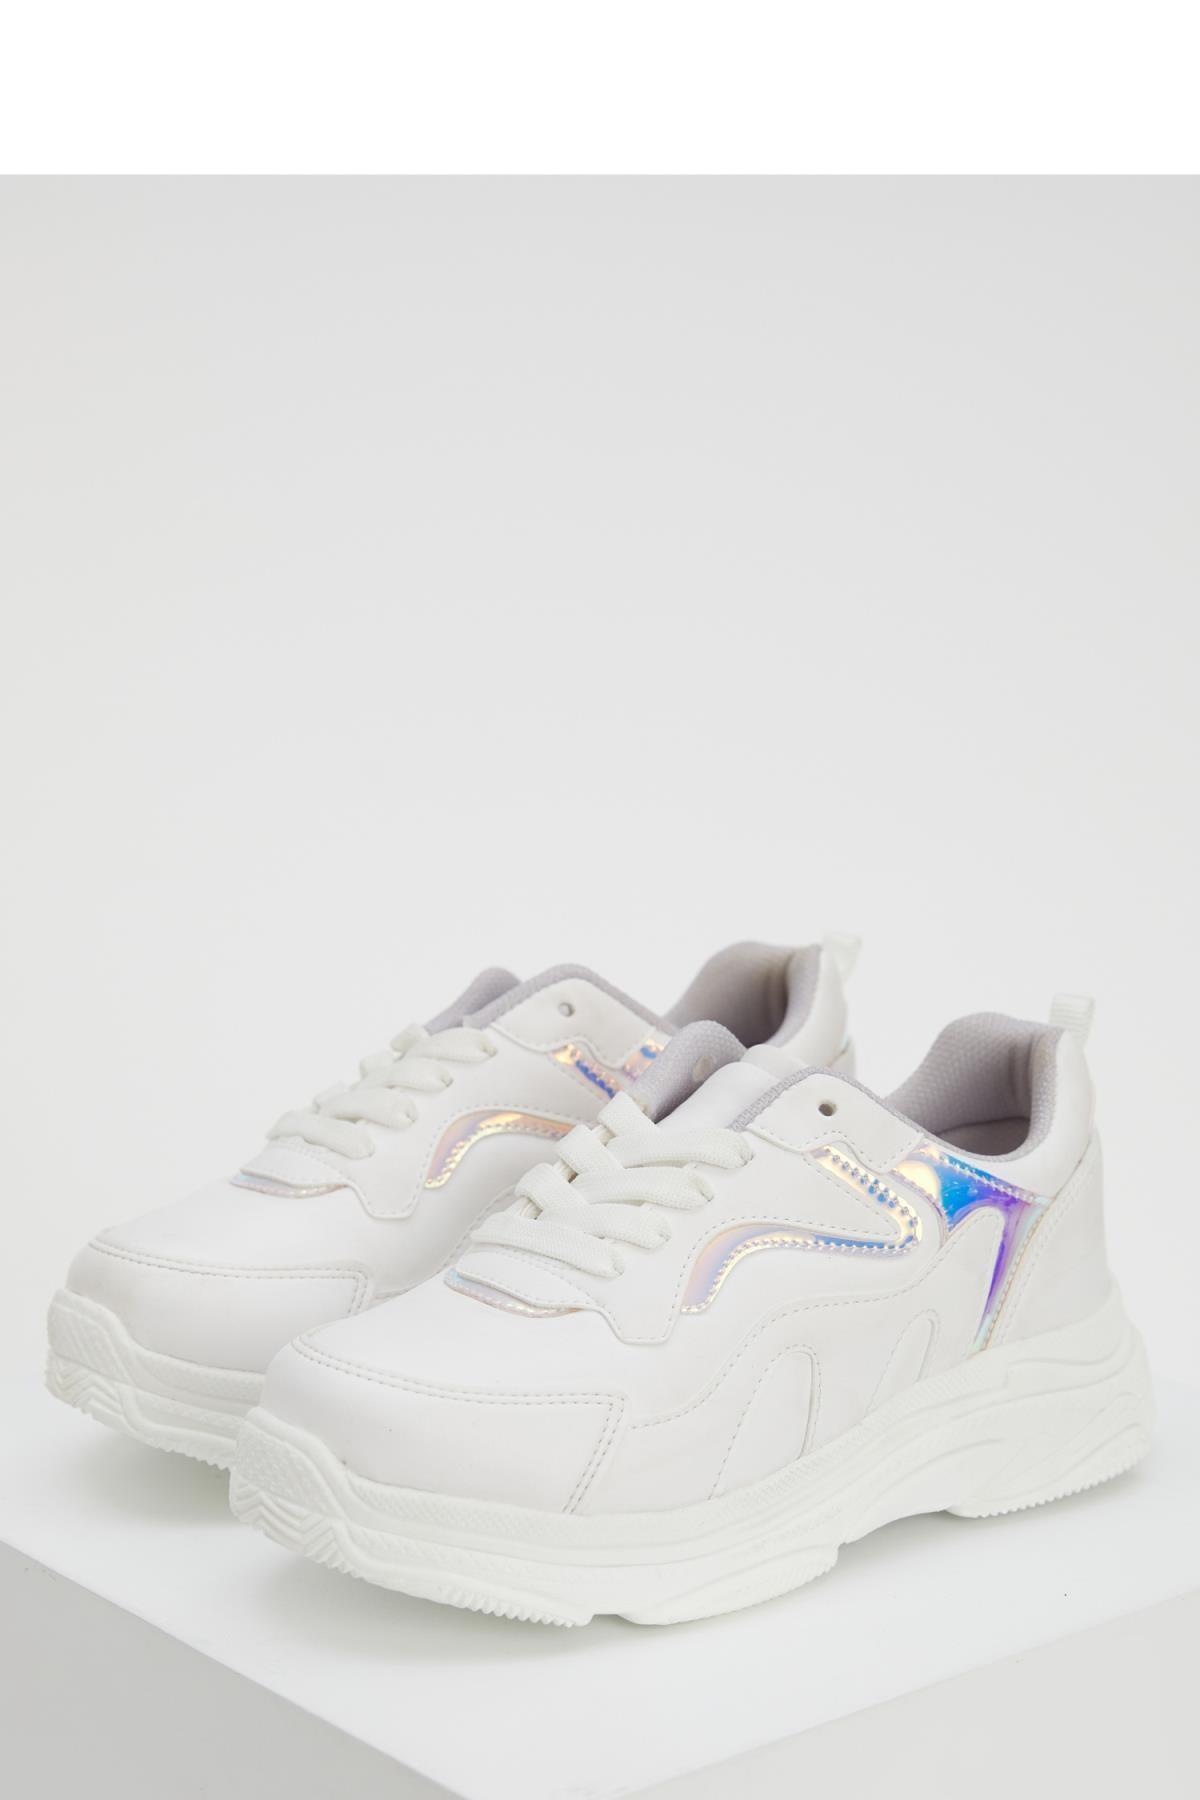 Defacto Kız Çocuk Bağcıklı Spor Ayakkabı 1